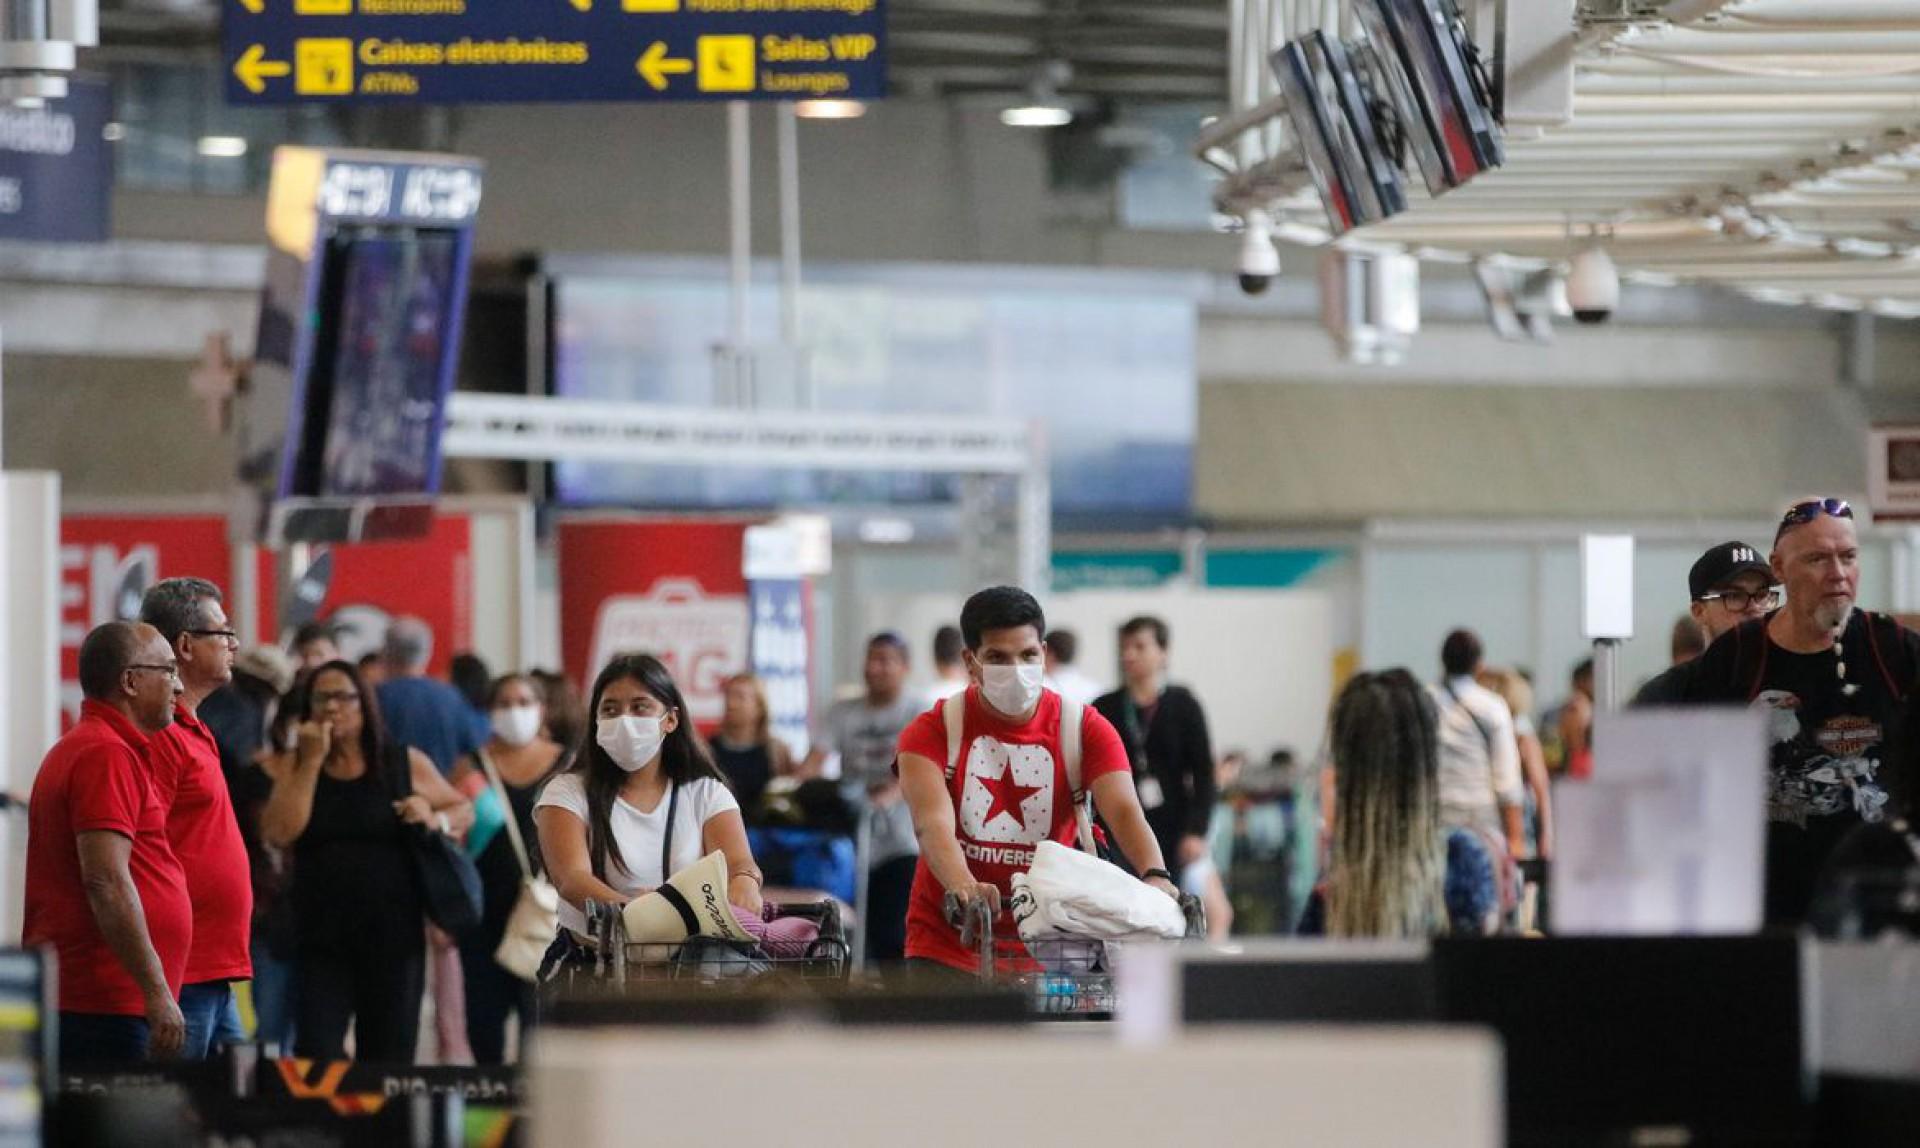 Passageiros e funcionários circulam com máscaras no no Aeroporto Internacional Tom Jobim- Rio Galeão (Foto: Fernando Frazão/Agência Brasil)